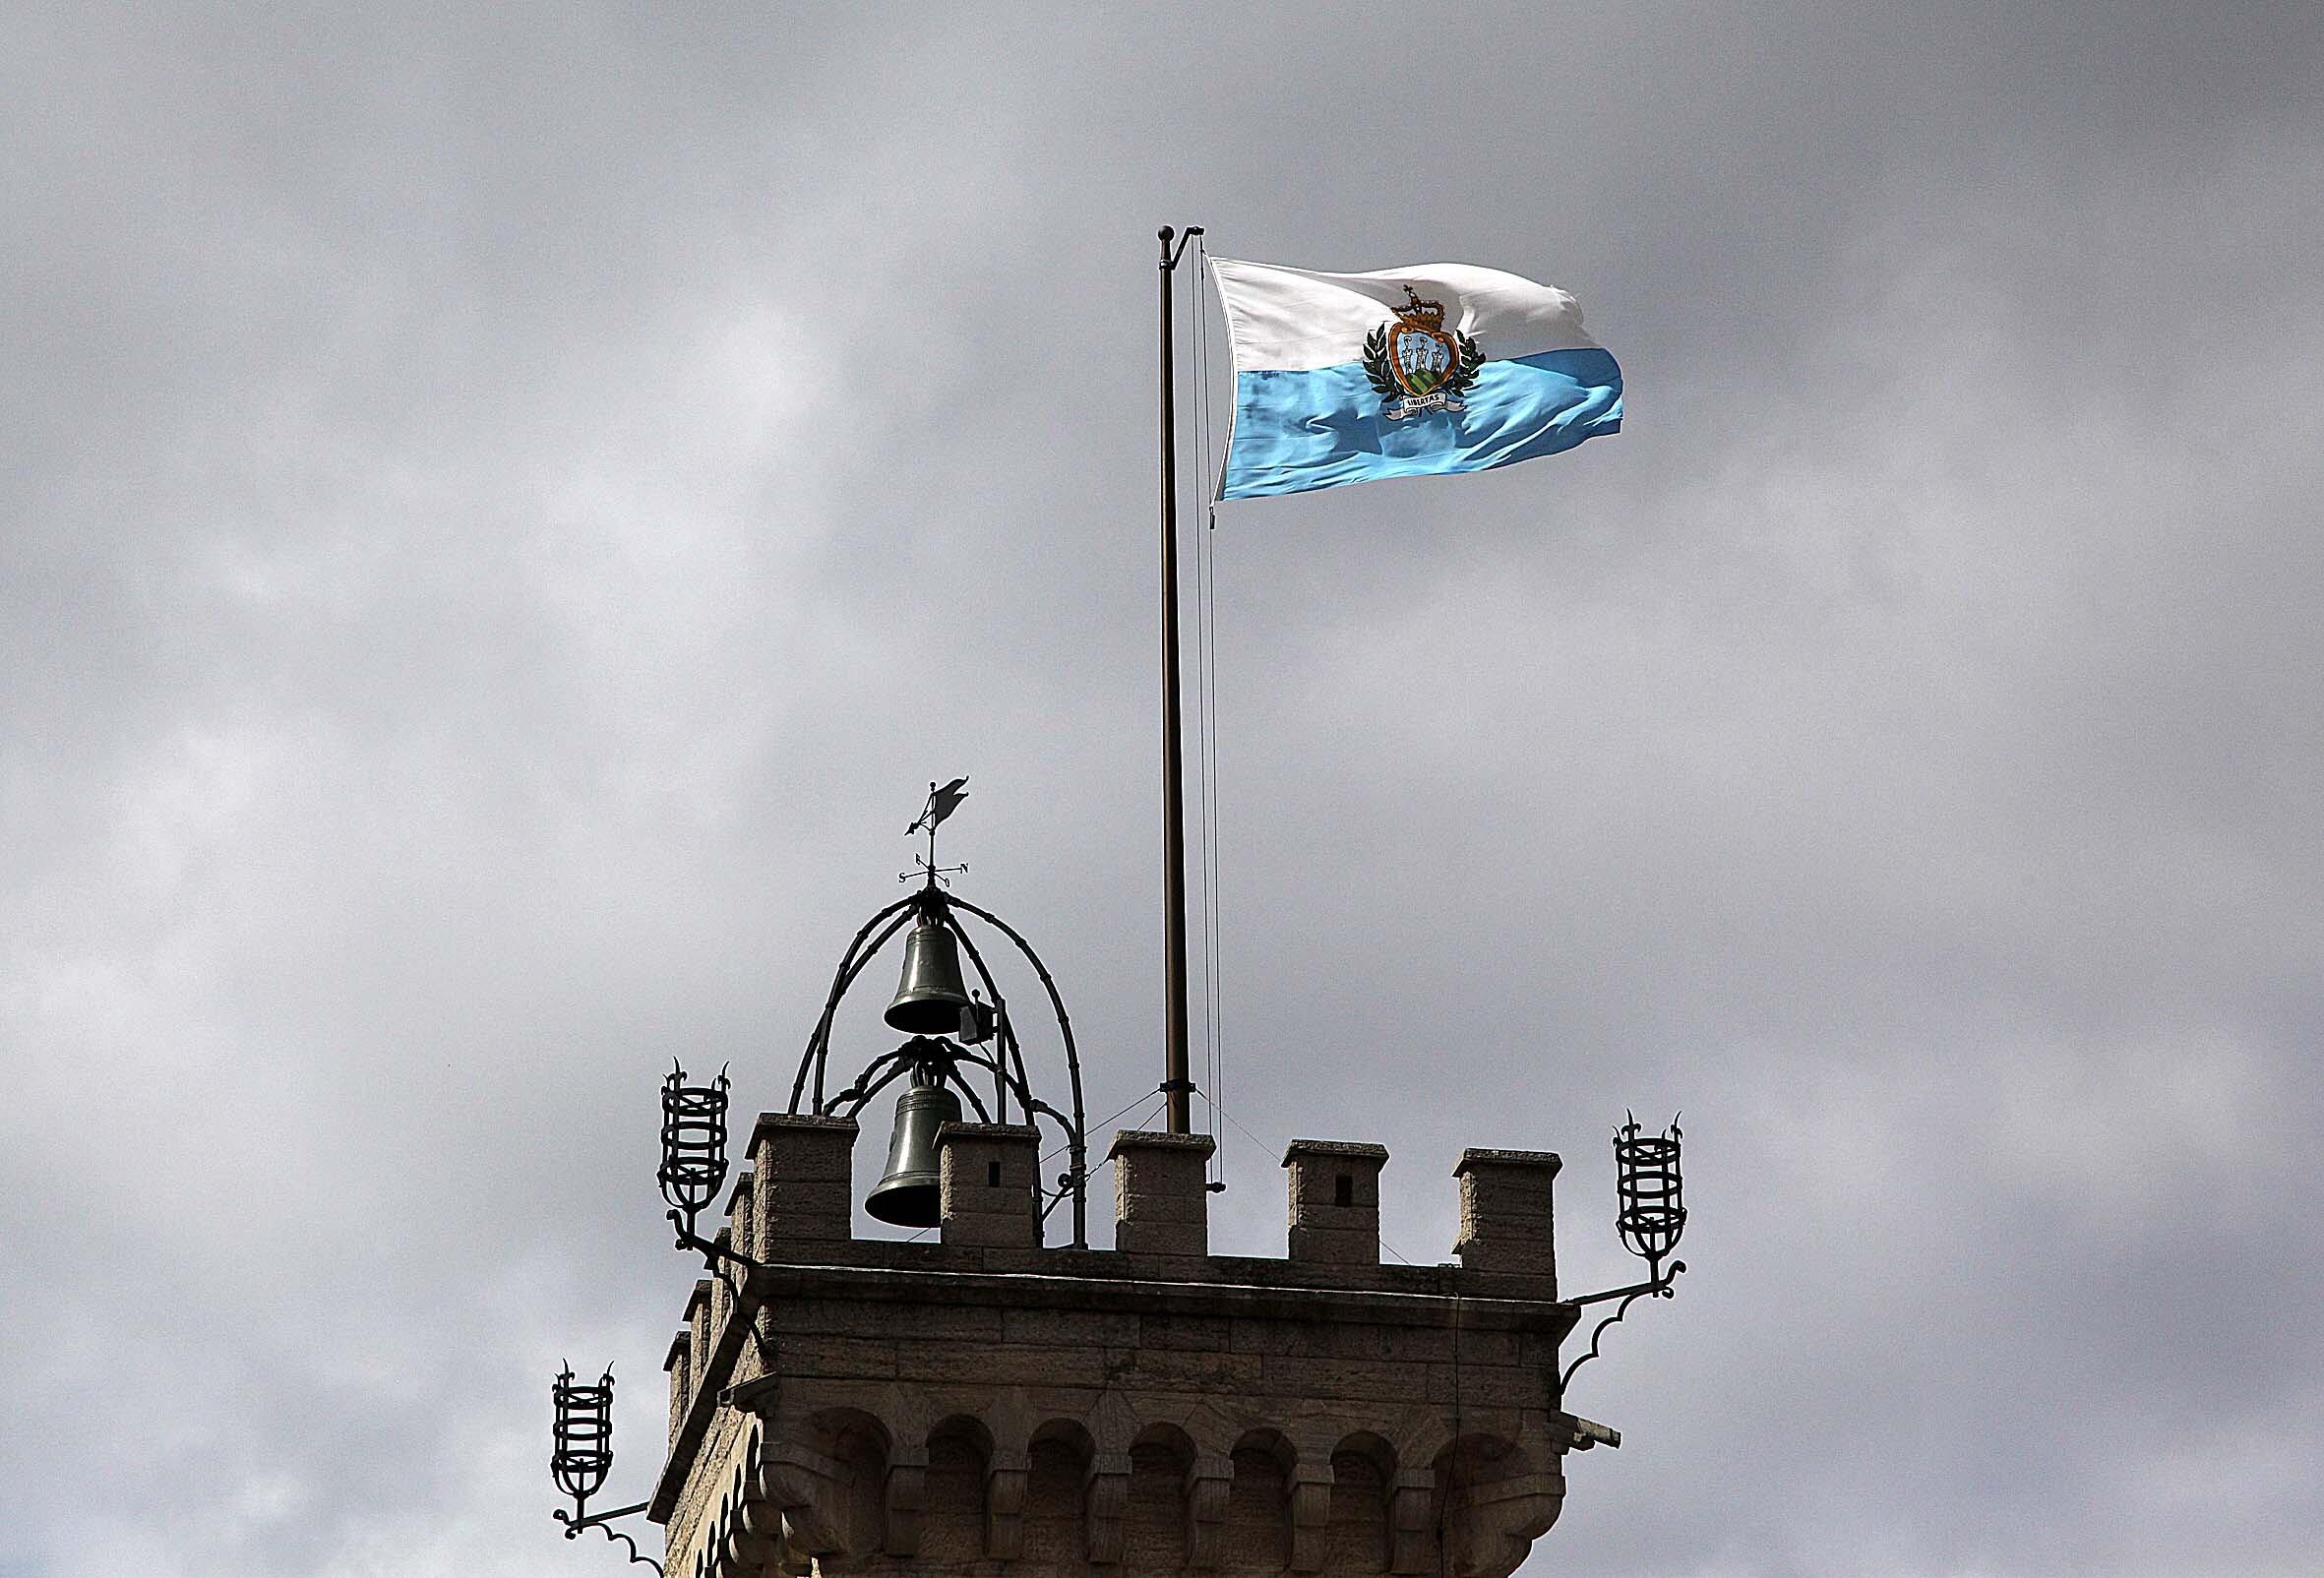 Elezioni San Marino, la Dc vuol formare il governo entro Natale